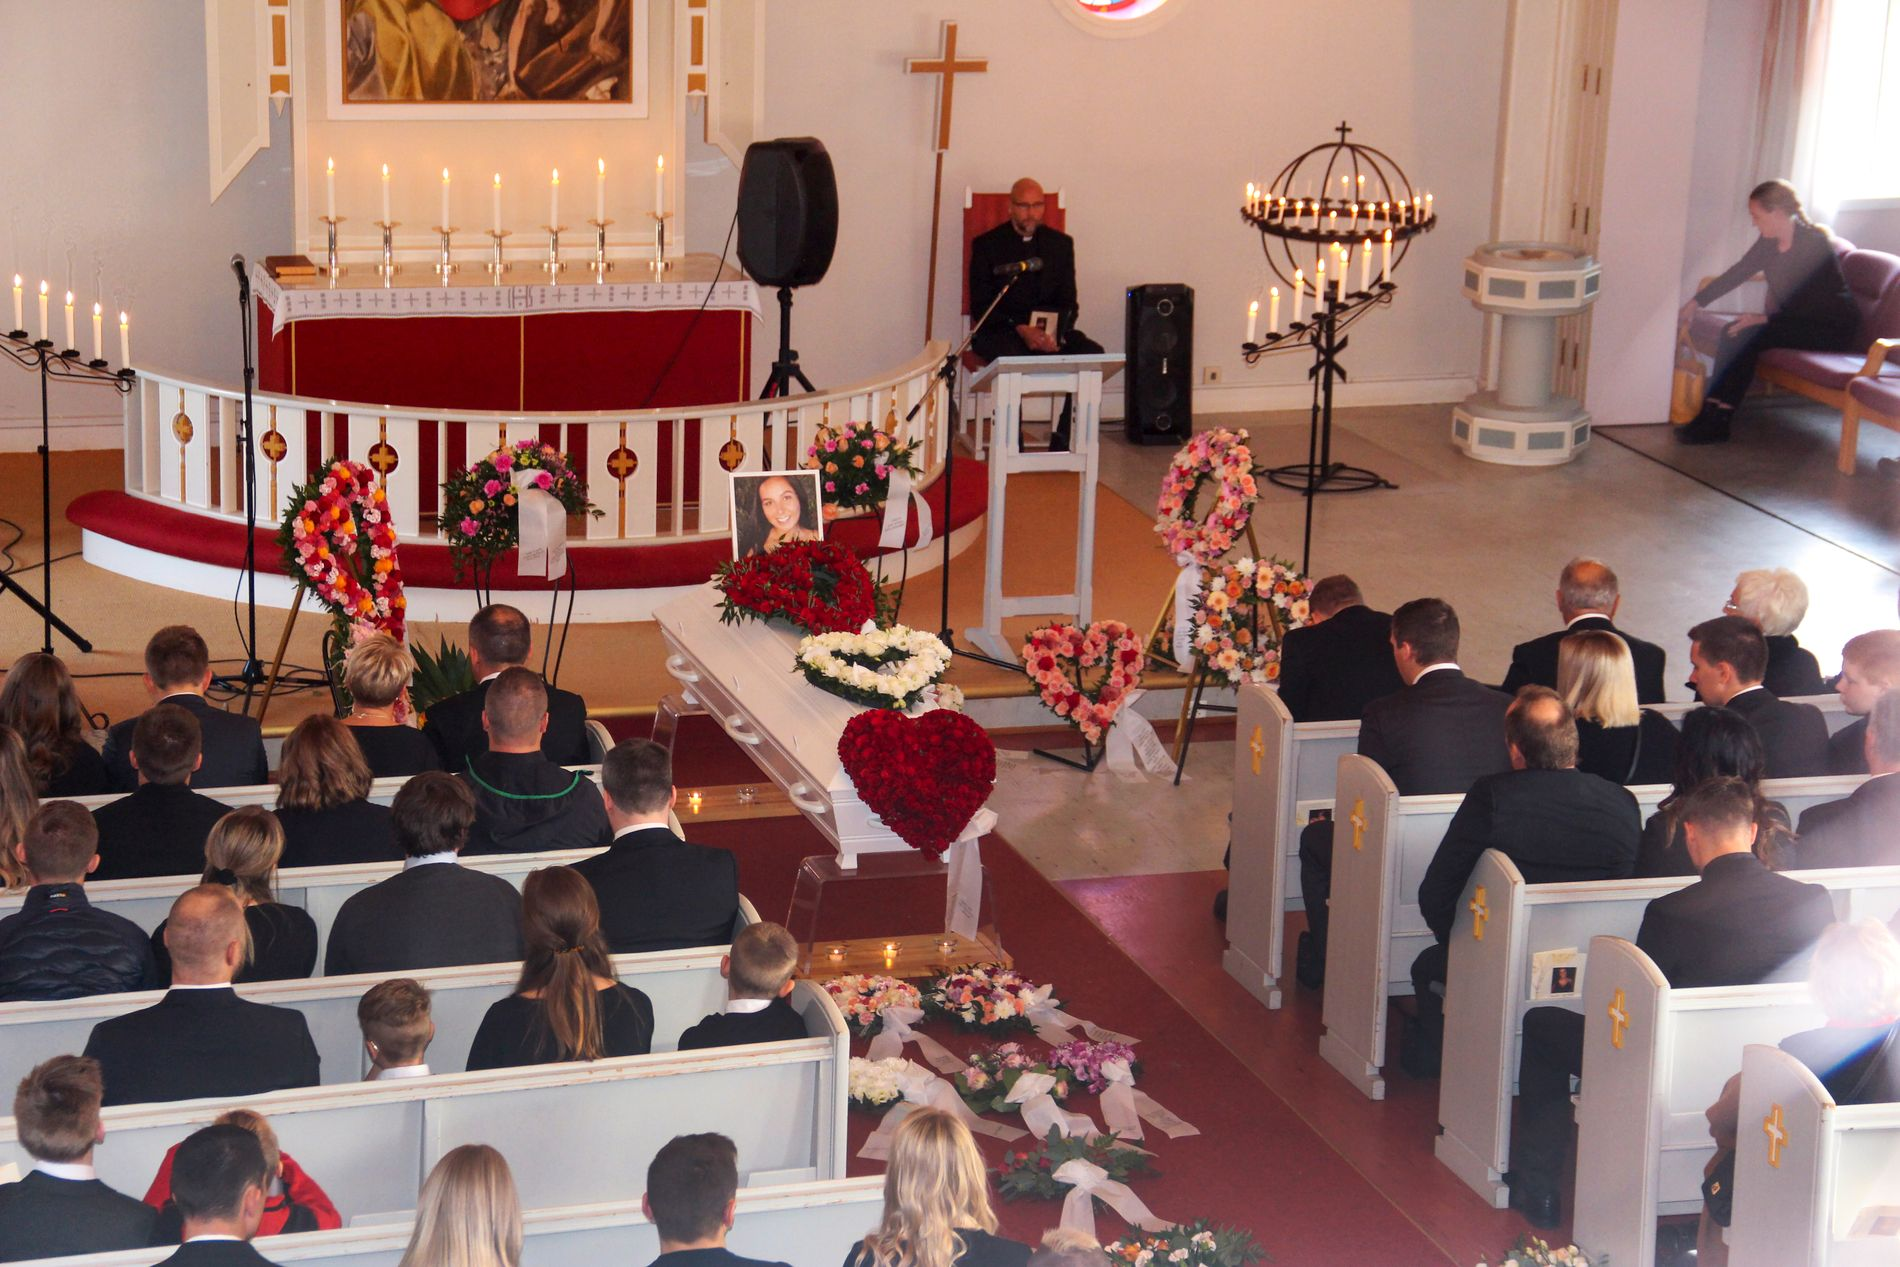 FULLSATT KIRKE: Onsdag ble Benedikte Hyld Mella (22) begravet. Kirken var fylt til randen av familie og venner som ville ta farvel med den livsglade jenta.